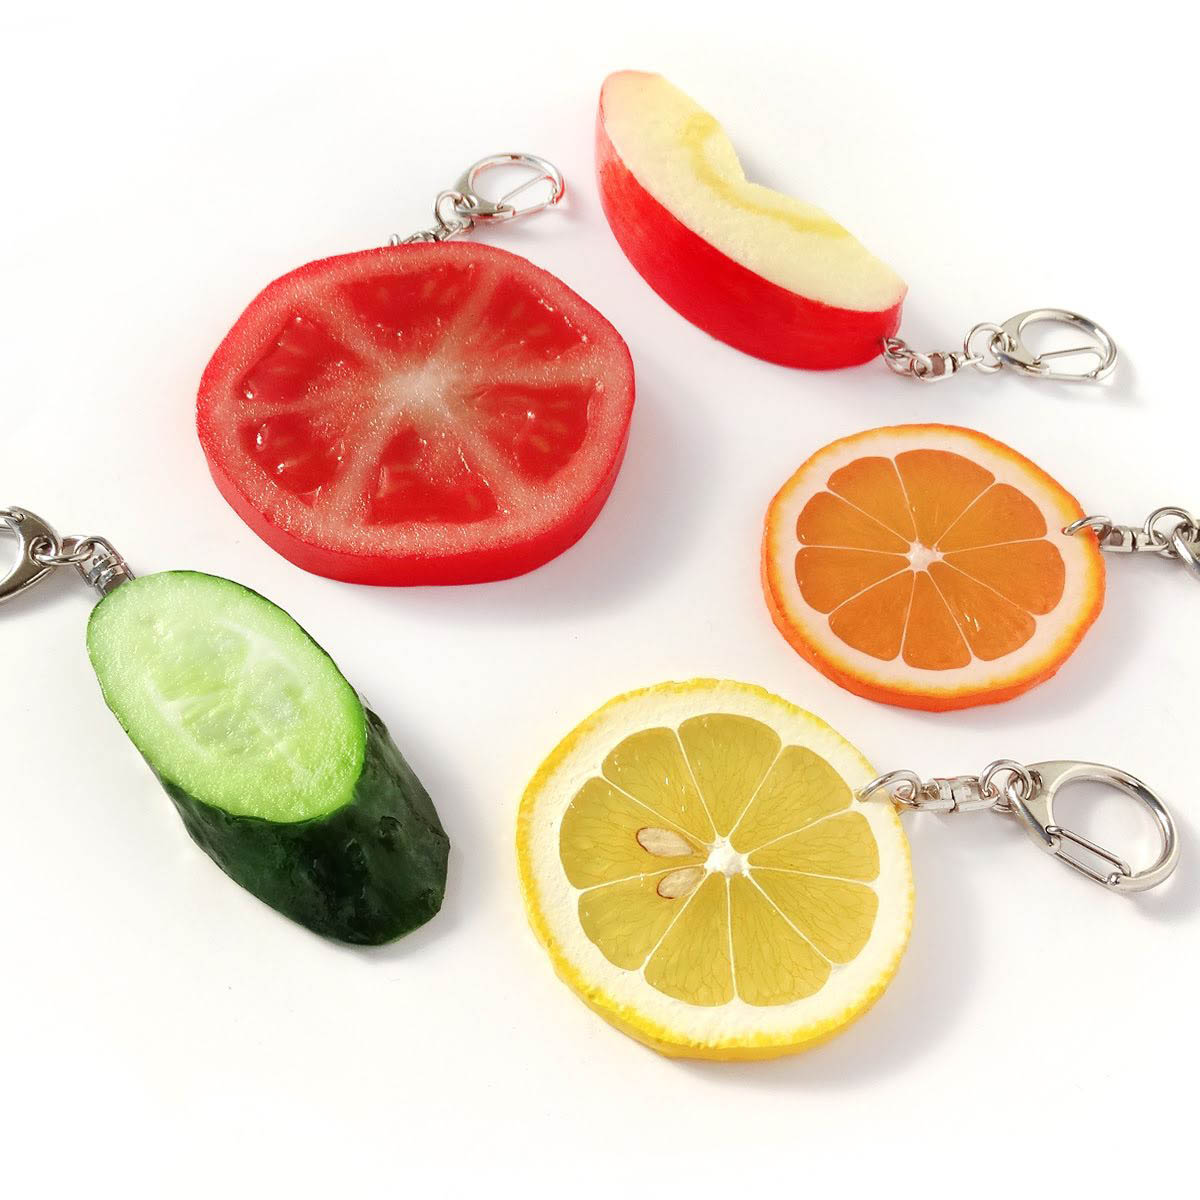 フルーツの食品サンプルで作ったキーリング